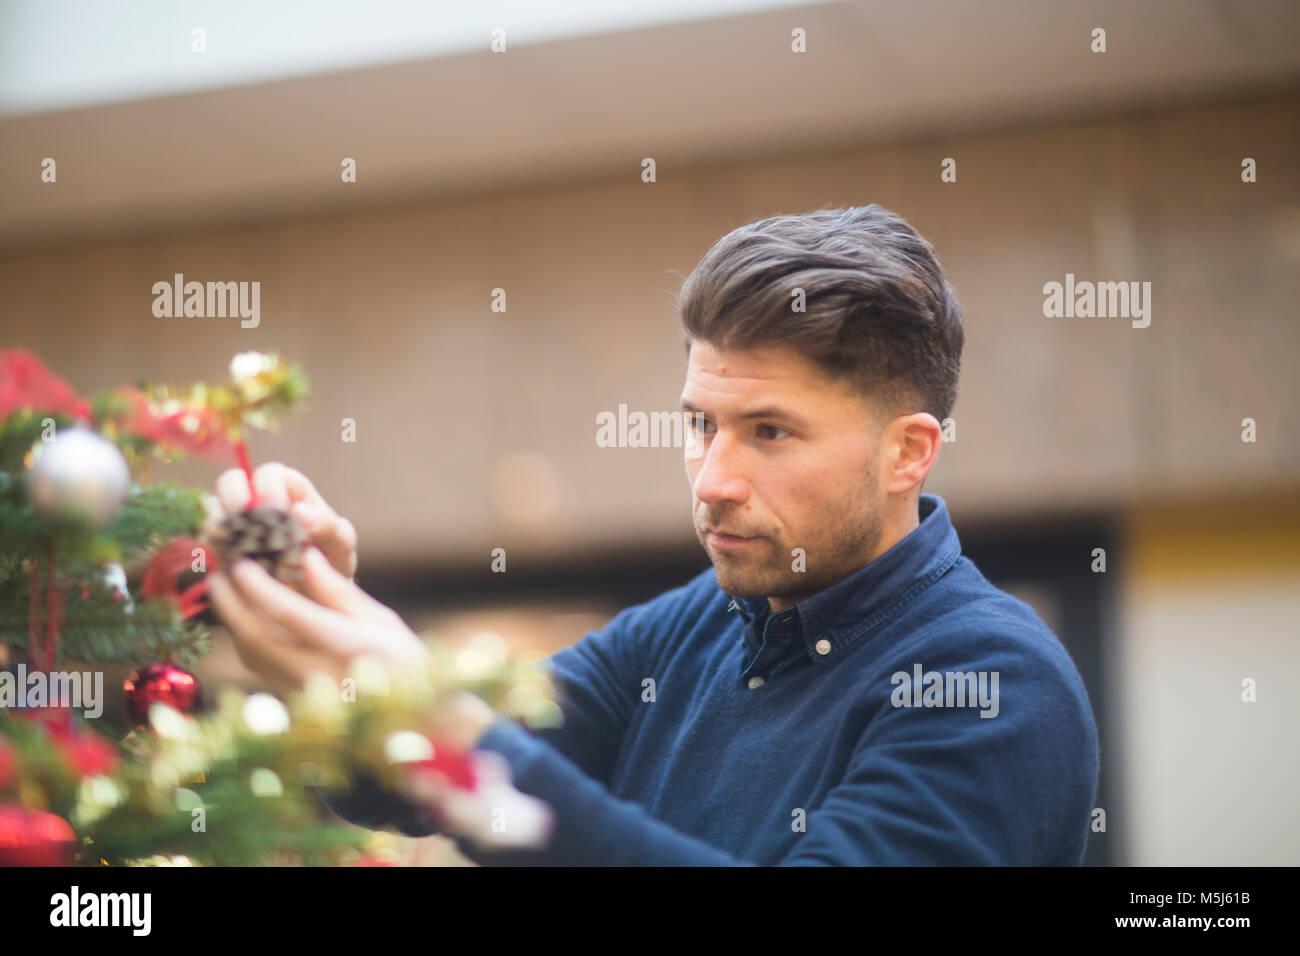 Retrato del hombre mirando la decoración de Navidad en un centro comercial Imagen De Stock